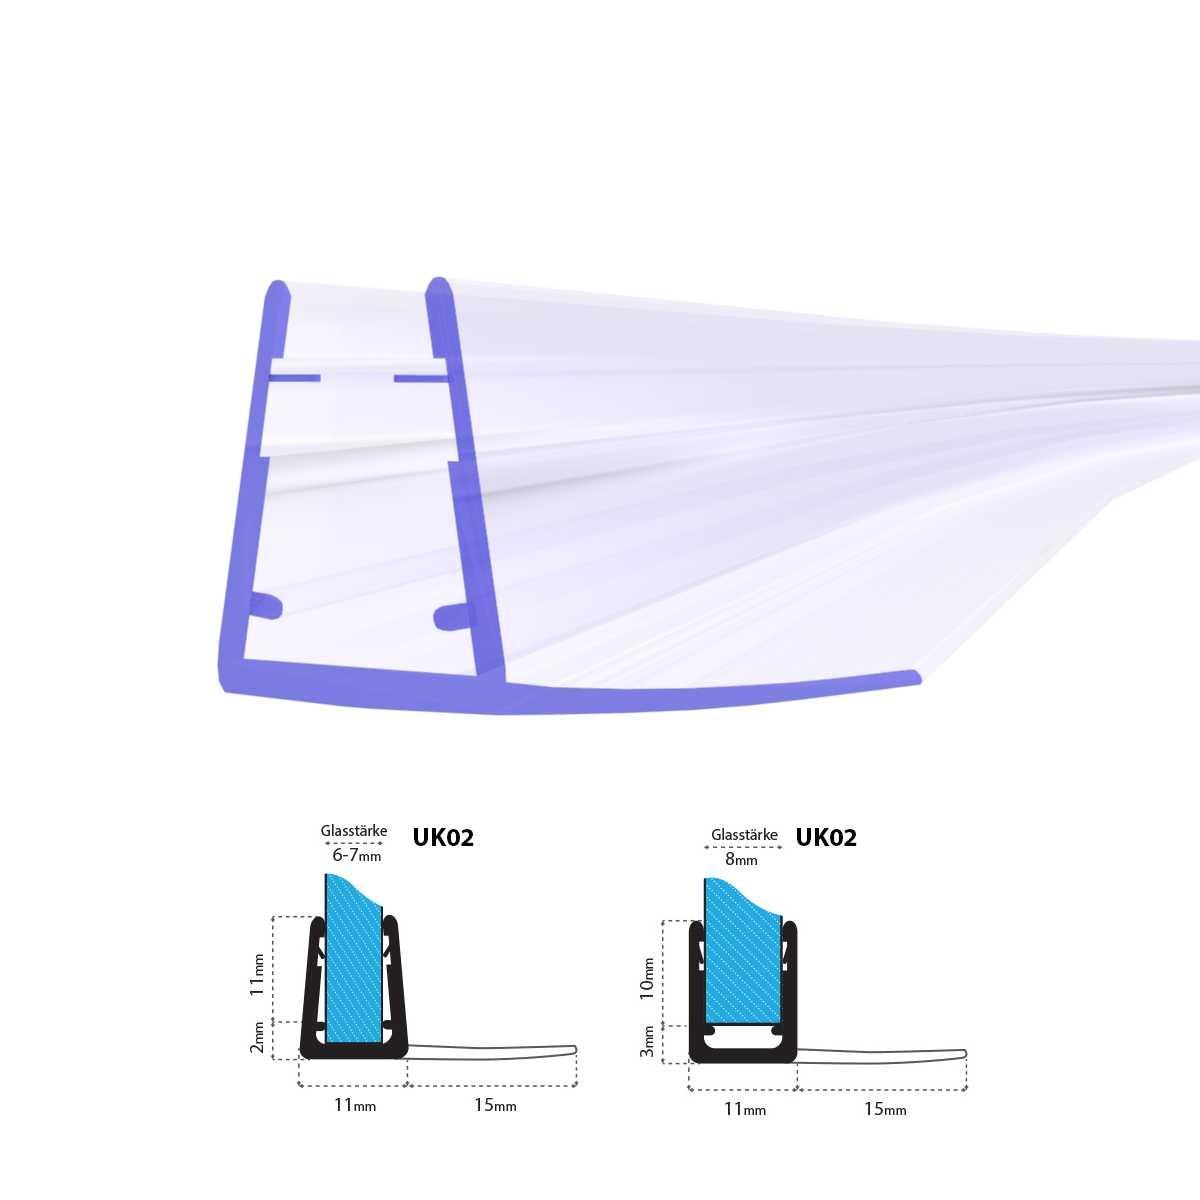 STEIGNER Guarnizione per Doccia 200 cm UK02 Doccia Curva Cabina Doccia Tonda Guarnizione Vetro Semicircolare 6 mm/7 mm/8 mm Spessore Guarnizione di Ricambio Piegata